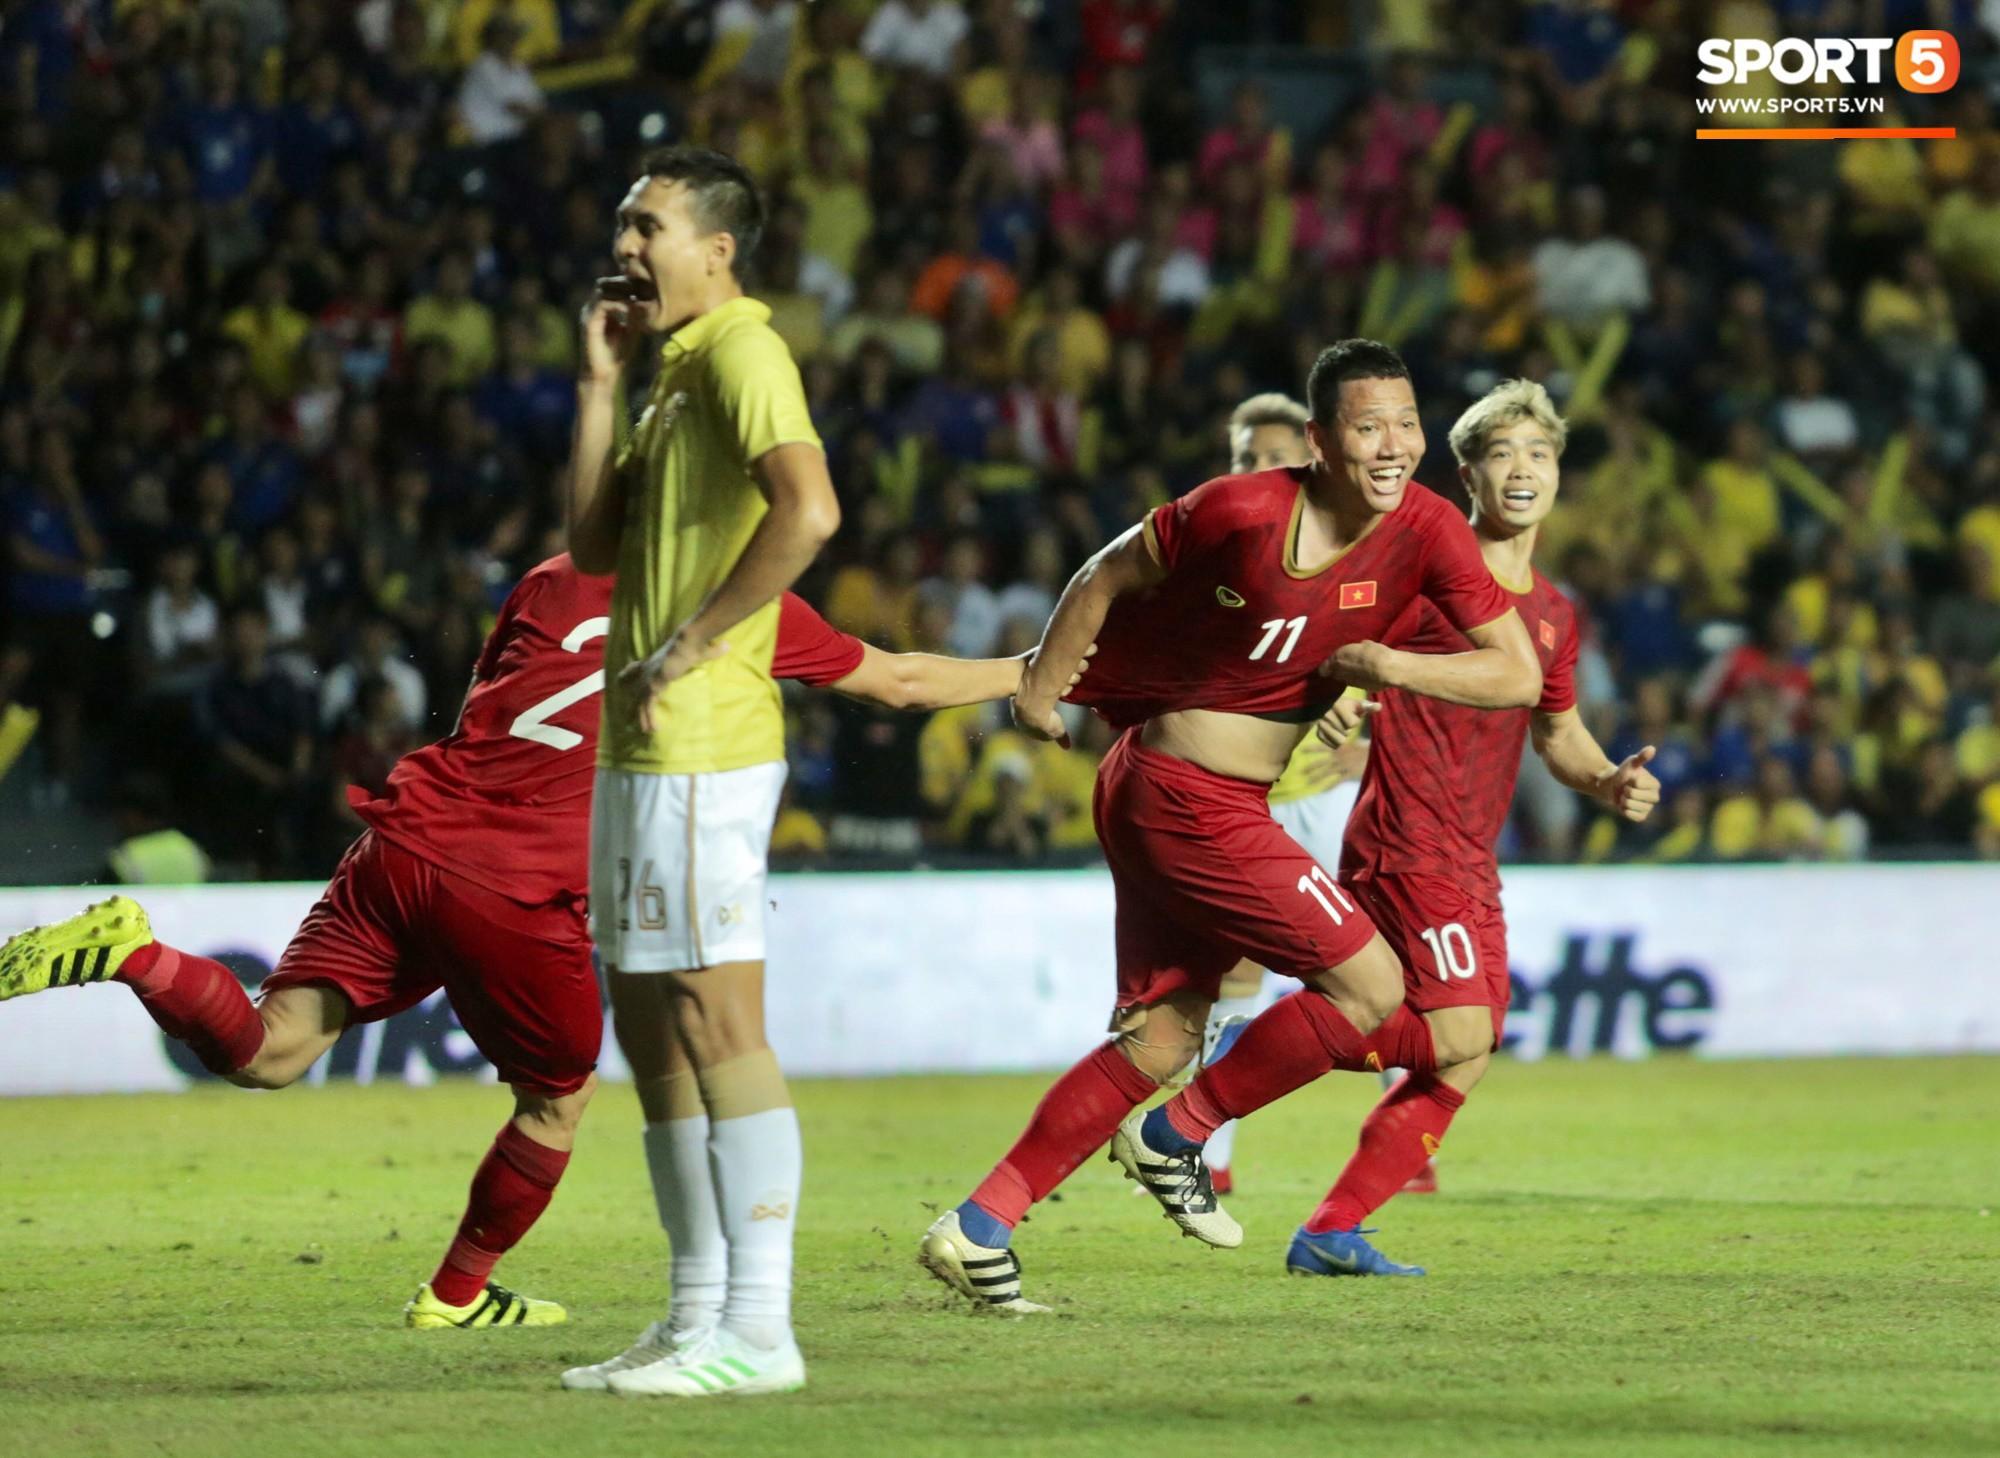 Anh Đức gục ngã đau đớn sau pha ghi bàn vào lưới Thái Lan, nhưng vẫn kịp nở nụ cười mãn nguyện khiến fan tan chảy - Ảnh 1.